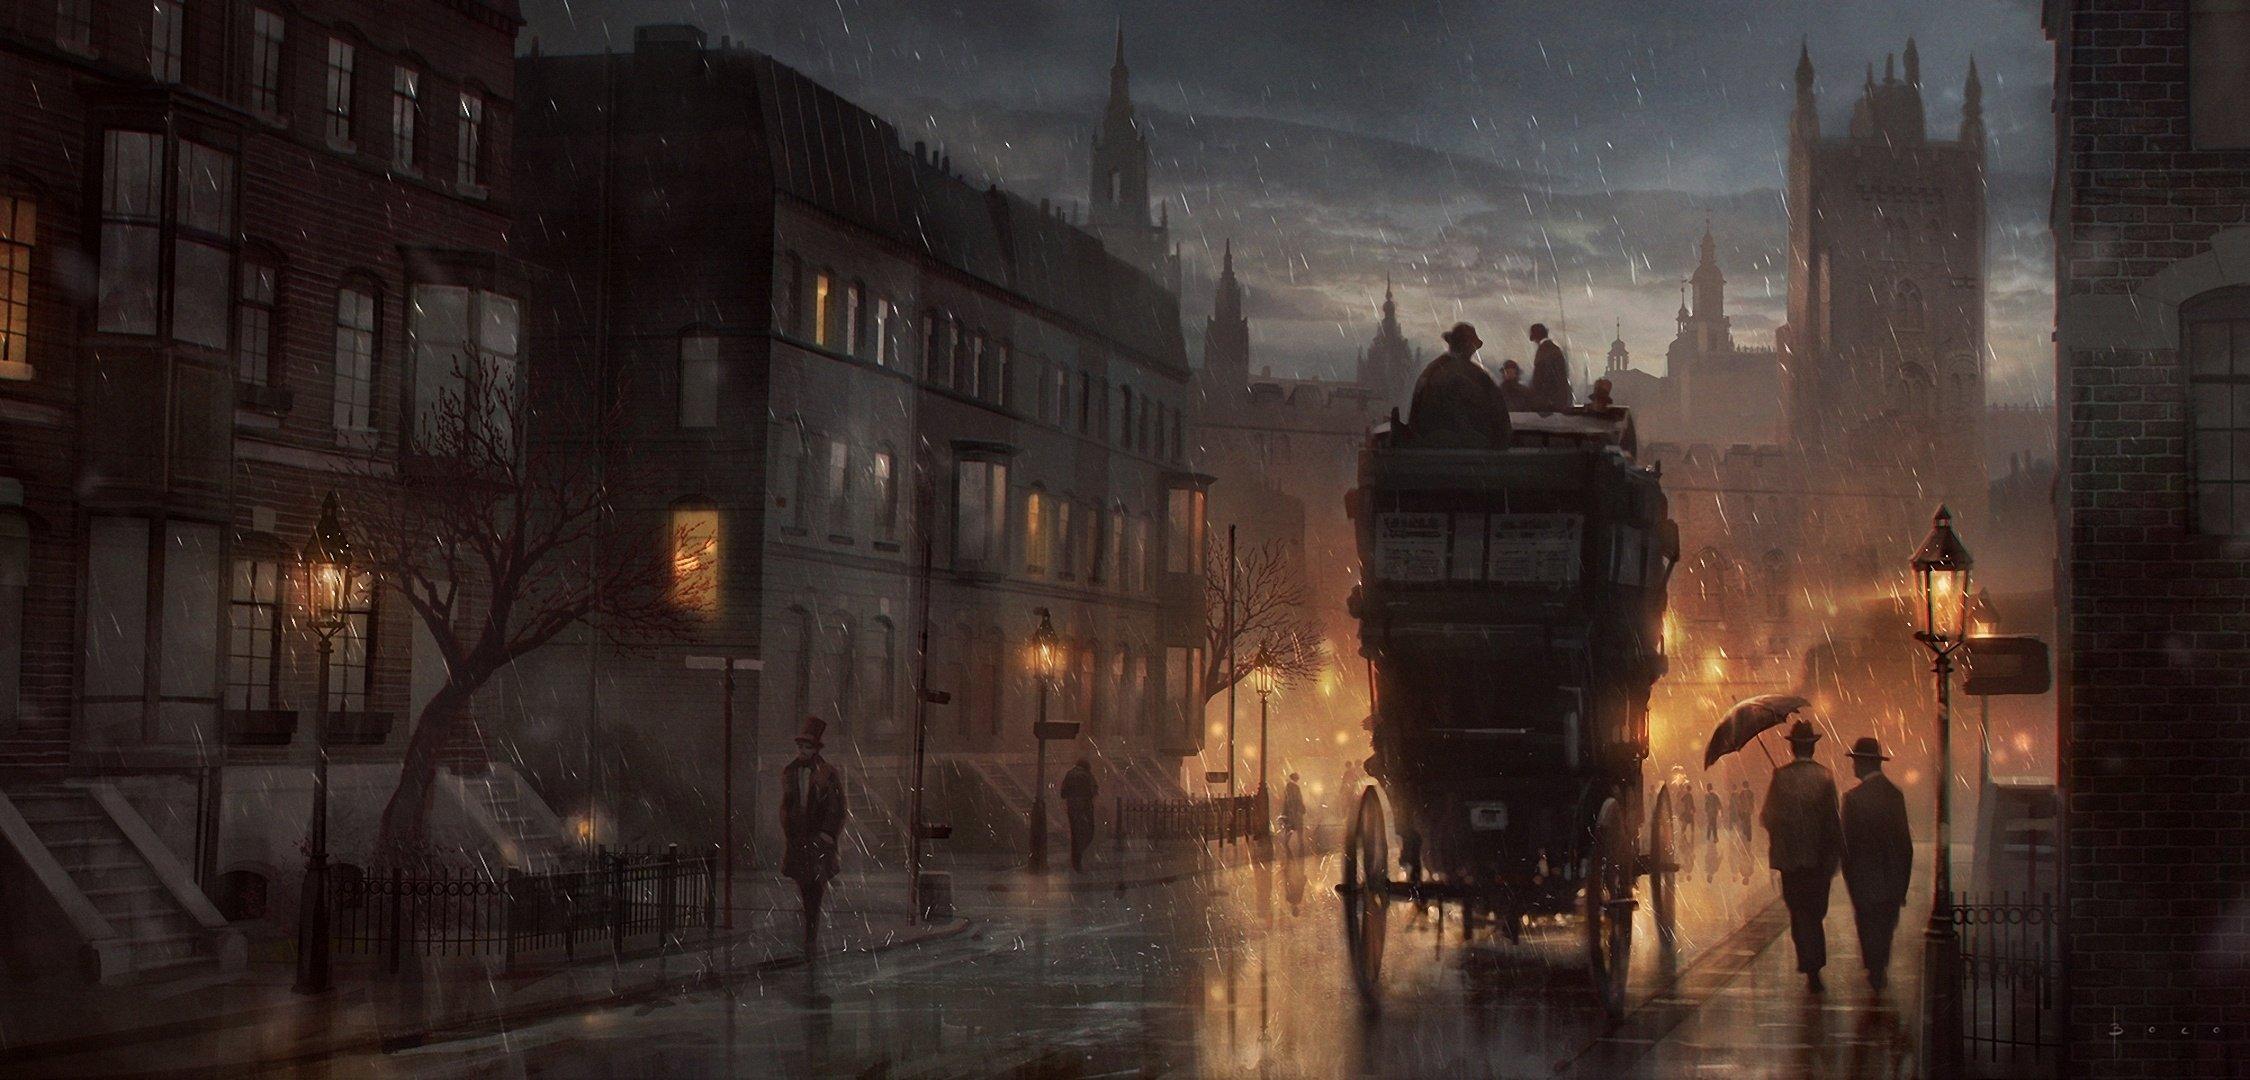 rain crew people street art night london painting mood